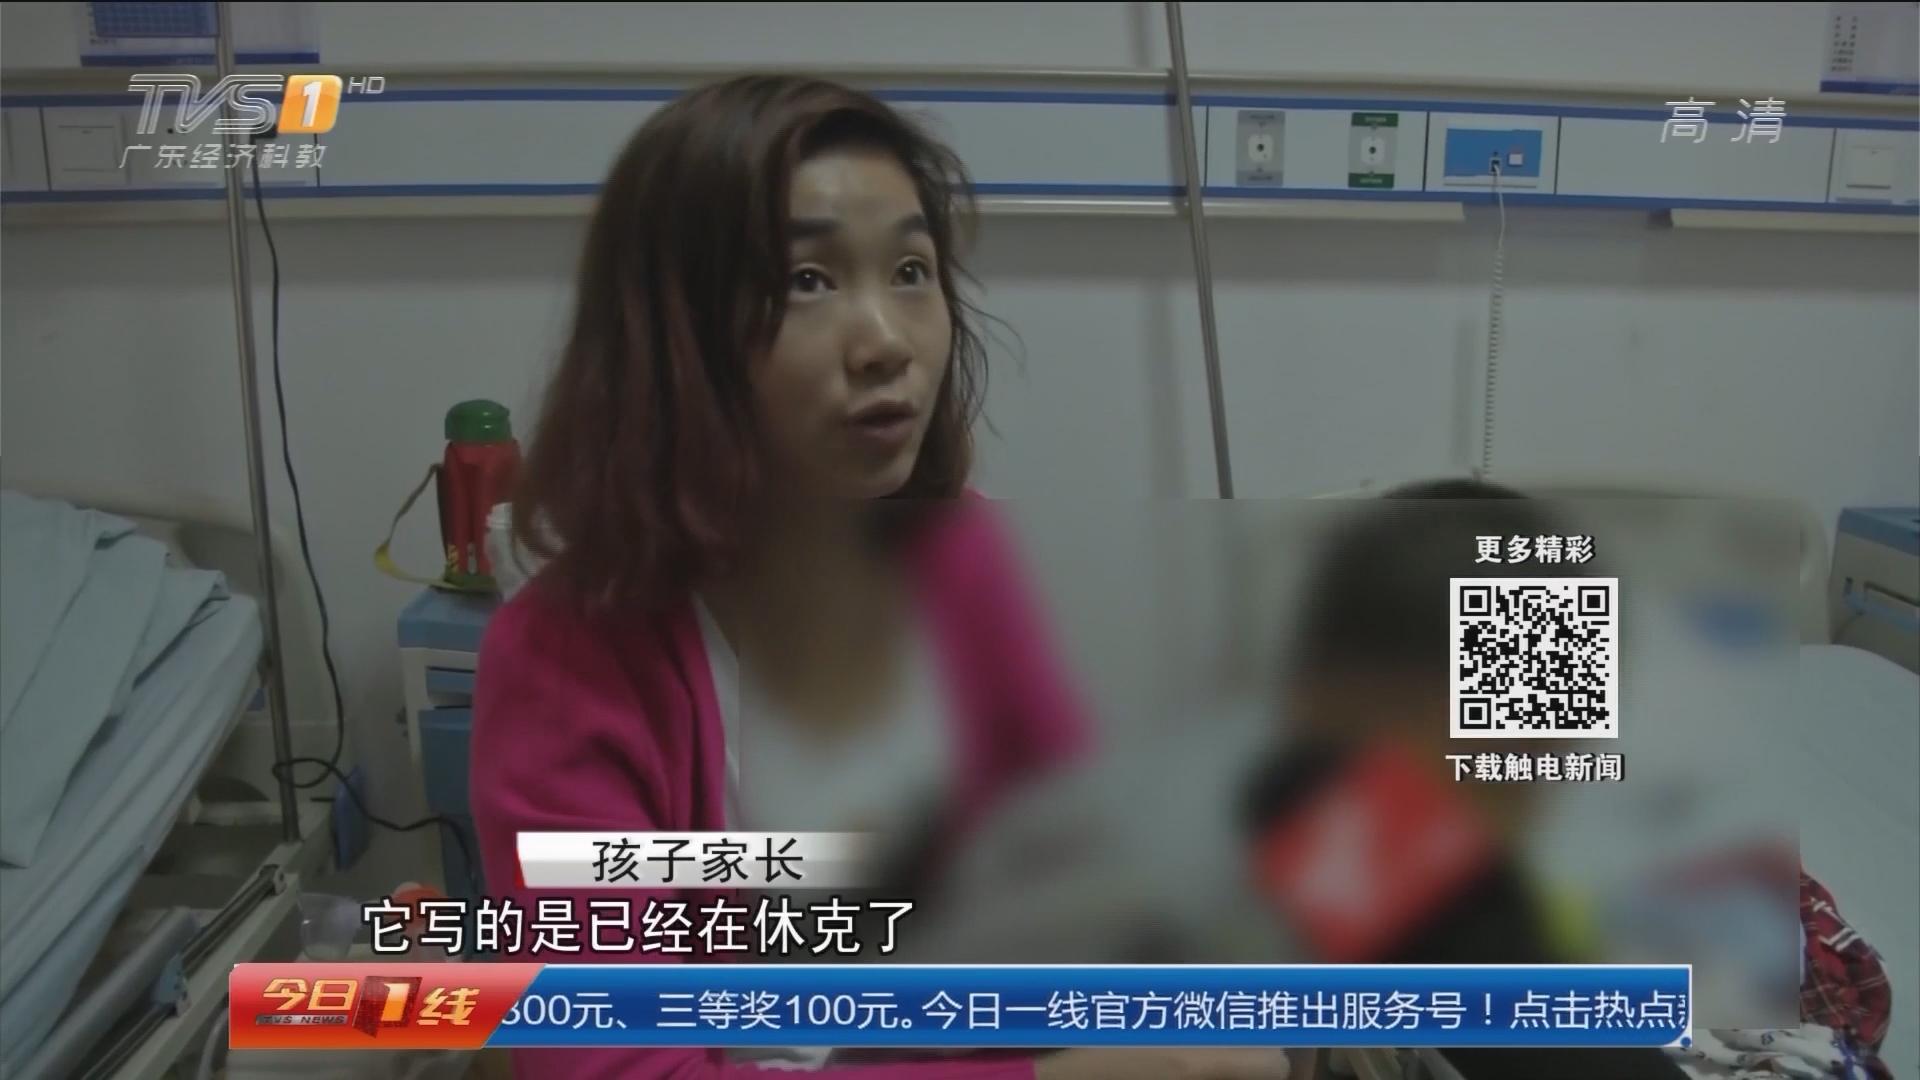 东莞幼儿园投药事件追踪:往食物投药害幼儿 警方刑拘保育员